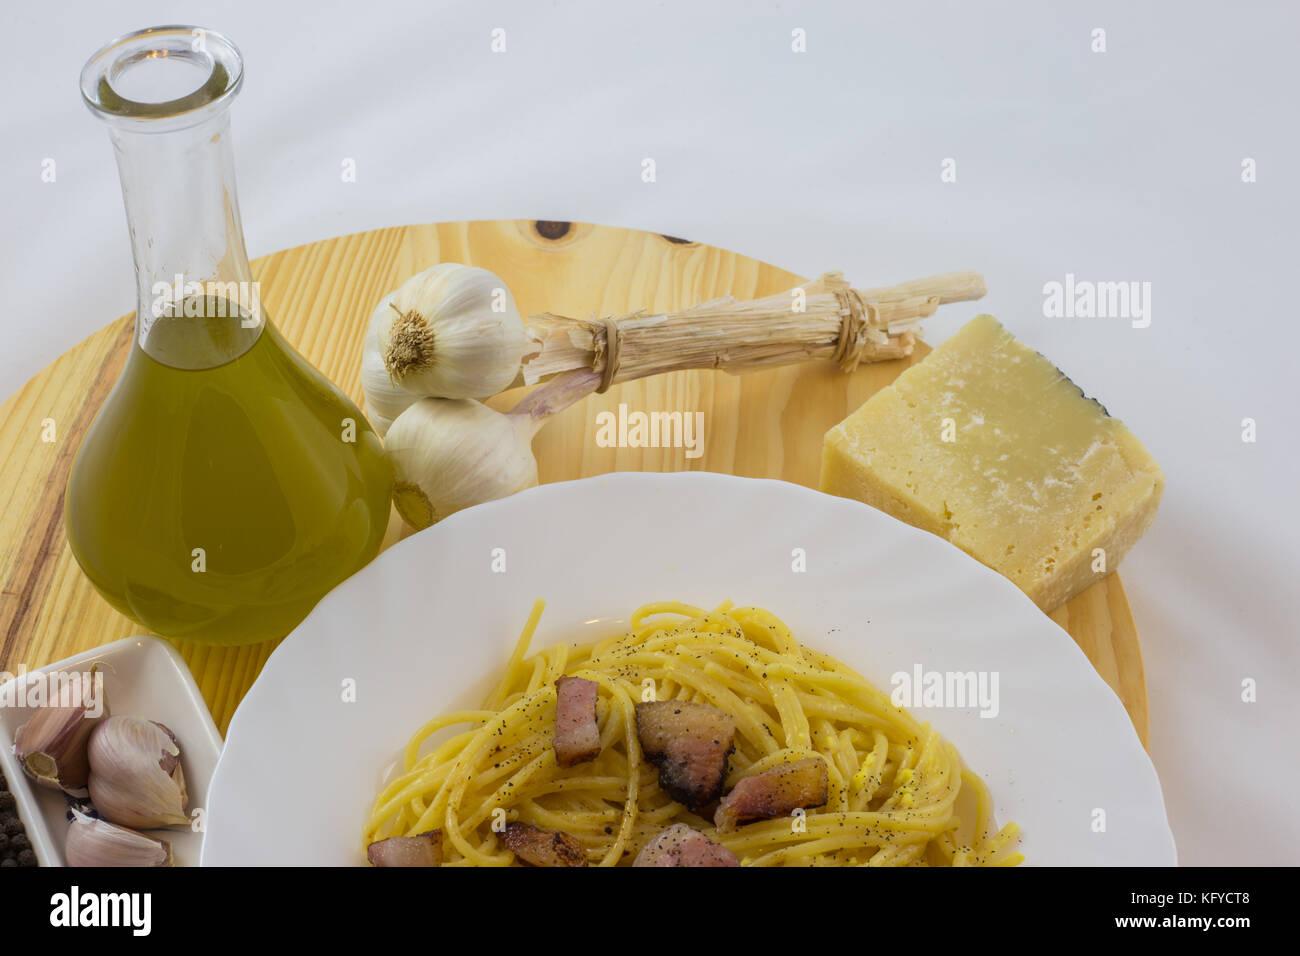 Spaghetti carbonara avec du fromage, de l'huile d'olive, l'ail et le poivre. Banque D'Images